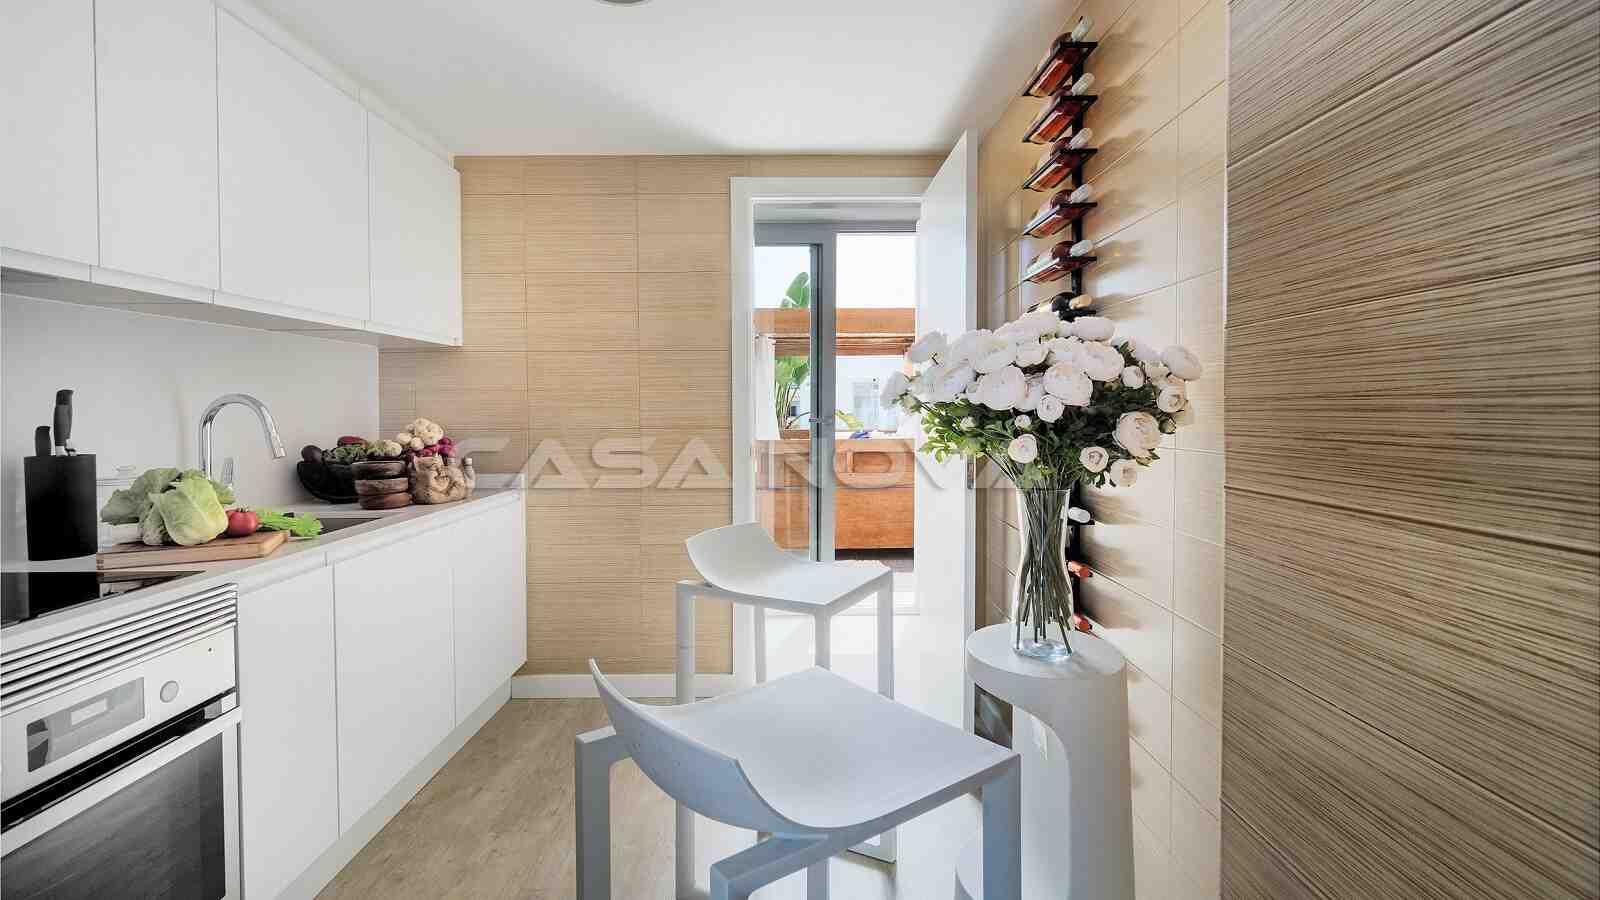 Moderne Einbauküche mit Terrassenzugang